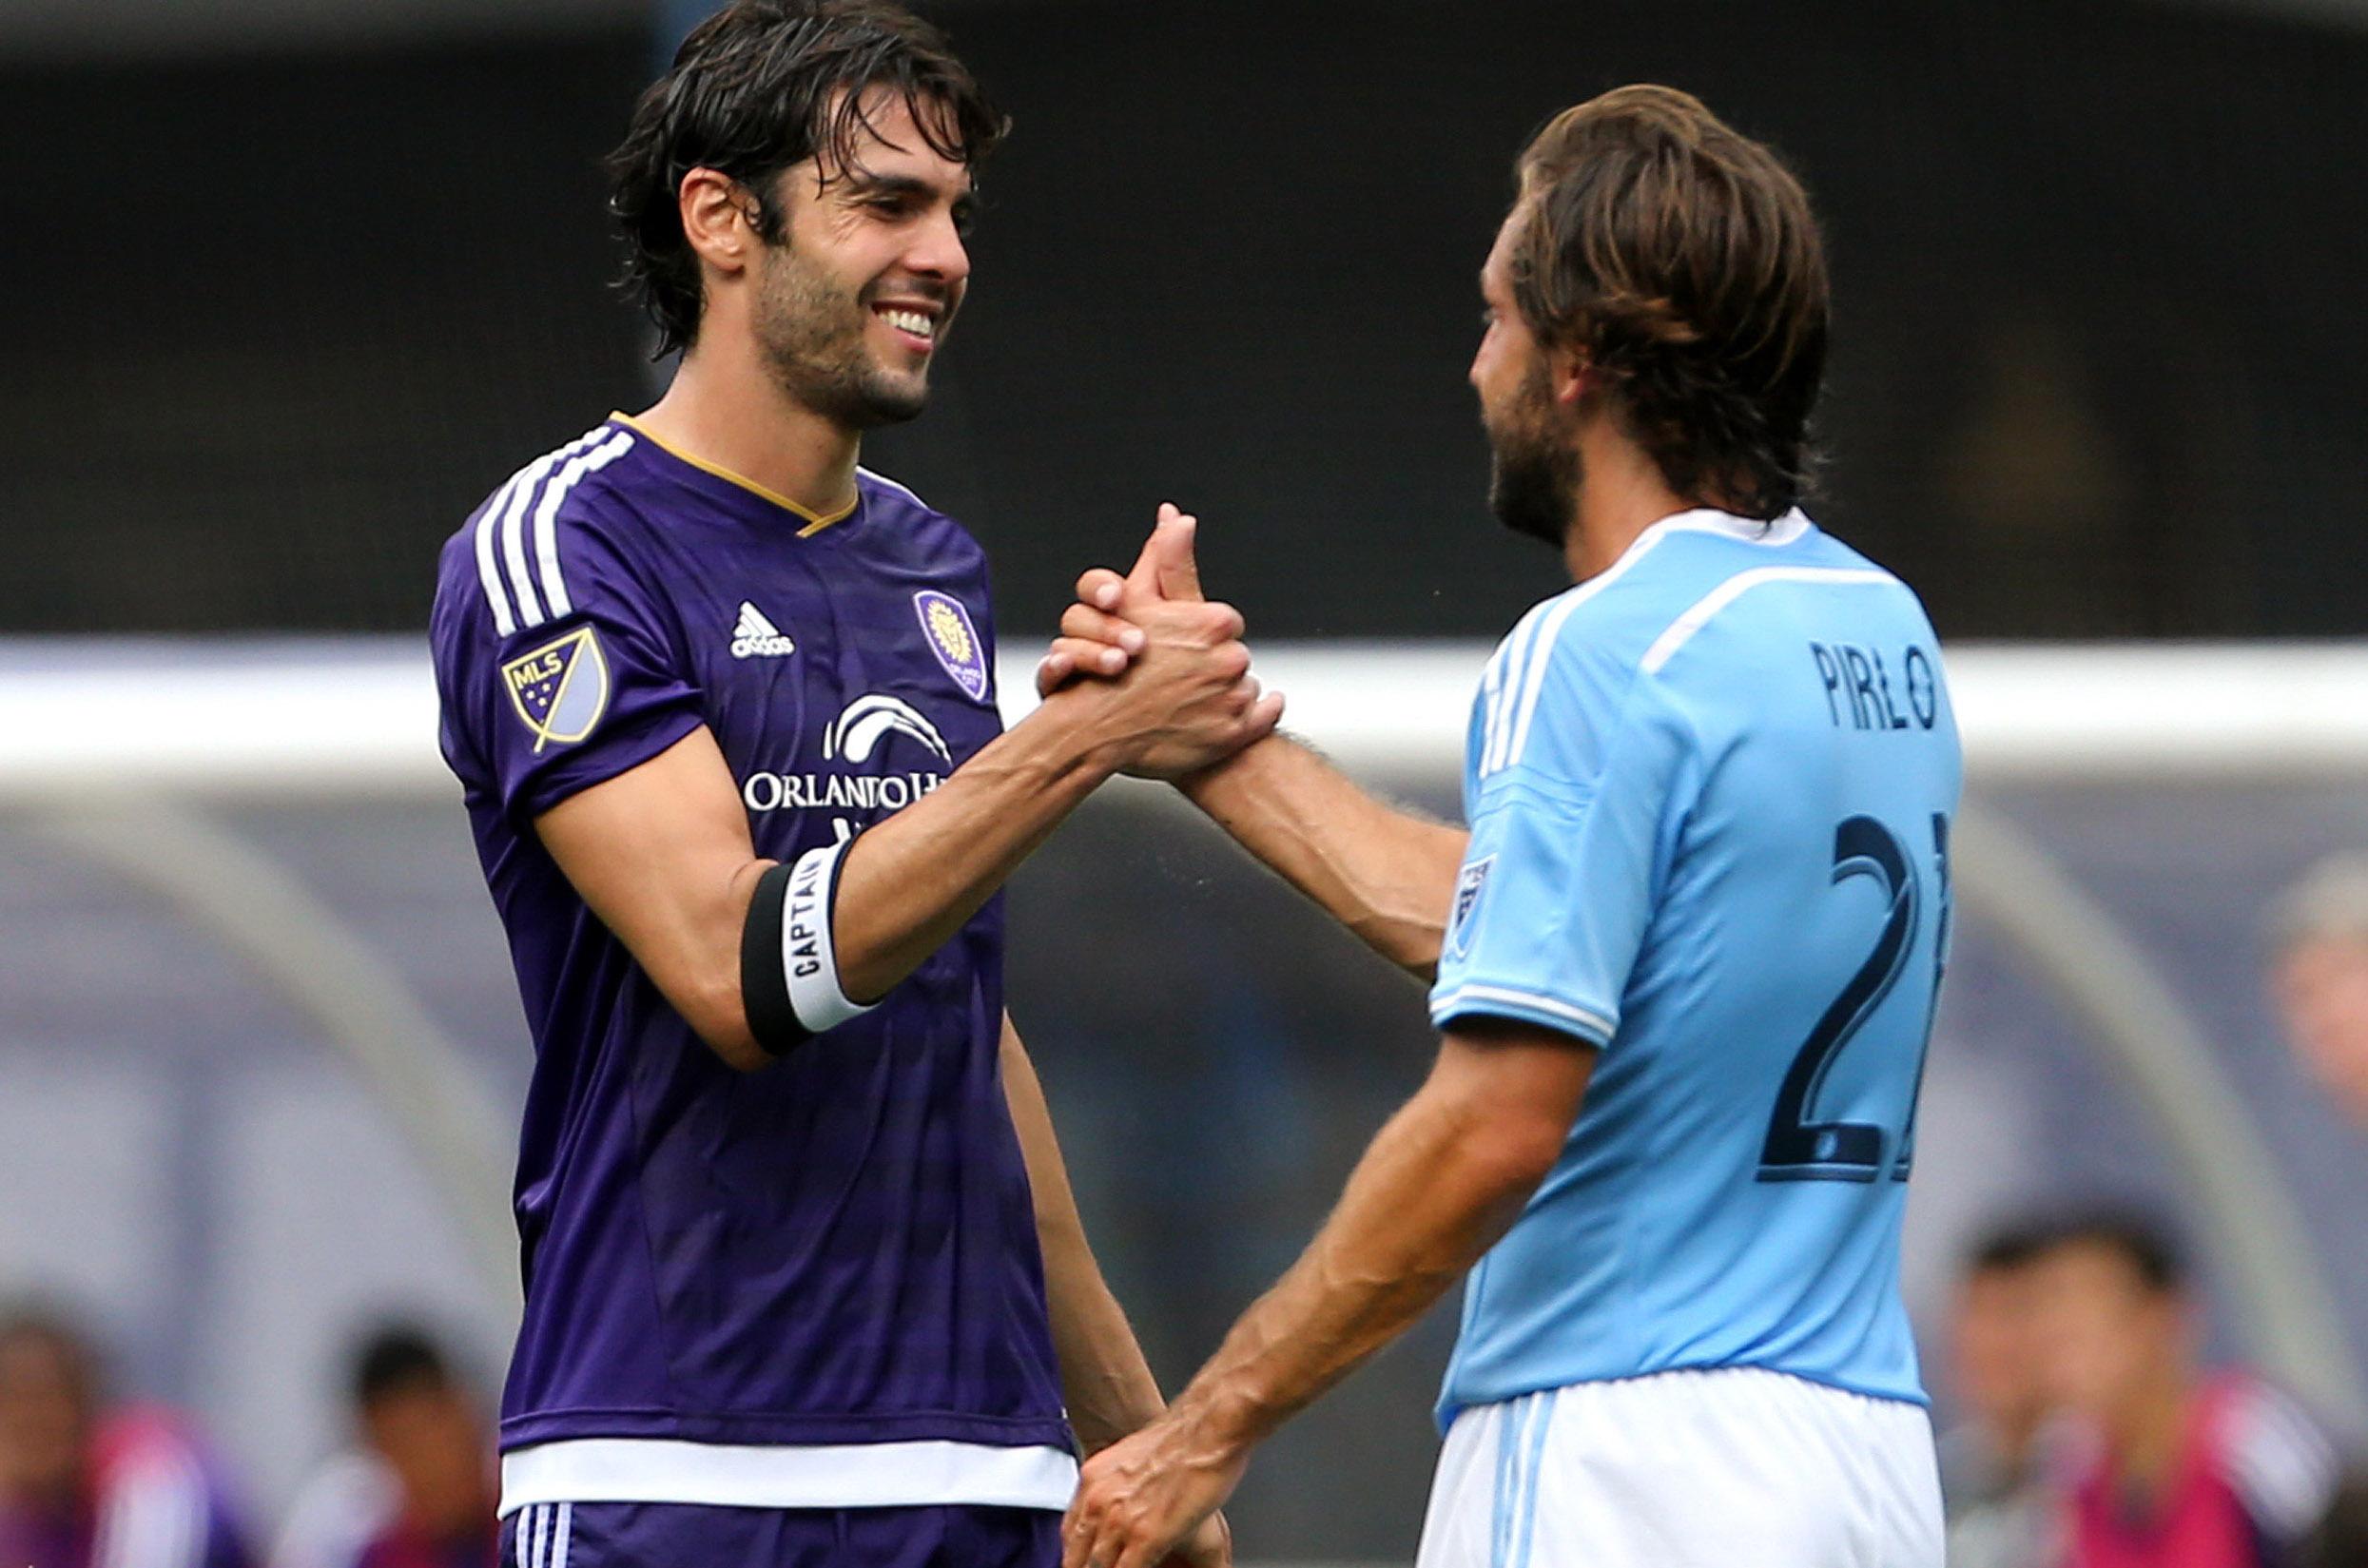 Tras el adiós de Pirlo y Kaká, recordamos a 5 otros cracks que tampoco ganaron la Copa MLS | Deportes MLS | TUDN Univision